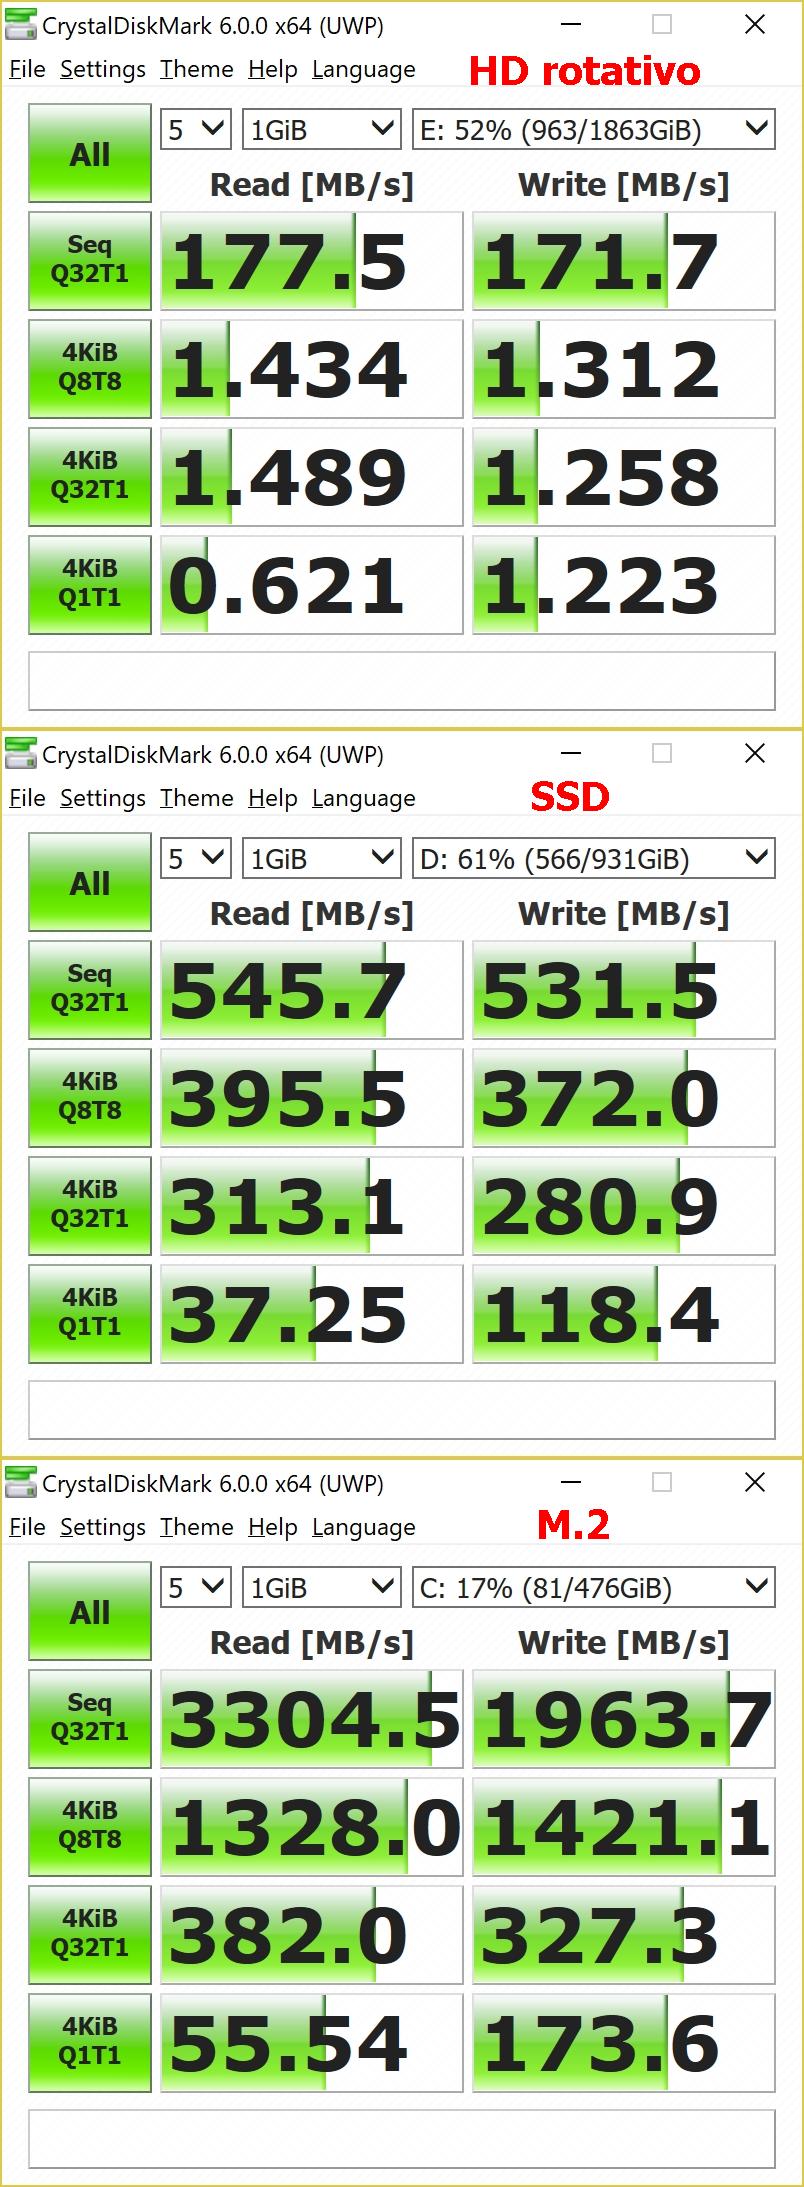 Testes entre um drive sólido rodando a 7 200 rpm, um SSD no barramento Sata 3, e um drive M.2 rodando em um slot ligado ao barramento PCI-E com quatro pistas de acesso para a controladora da CPU